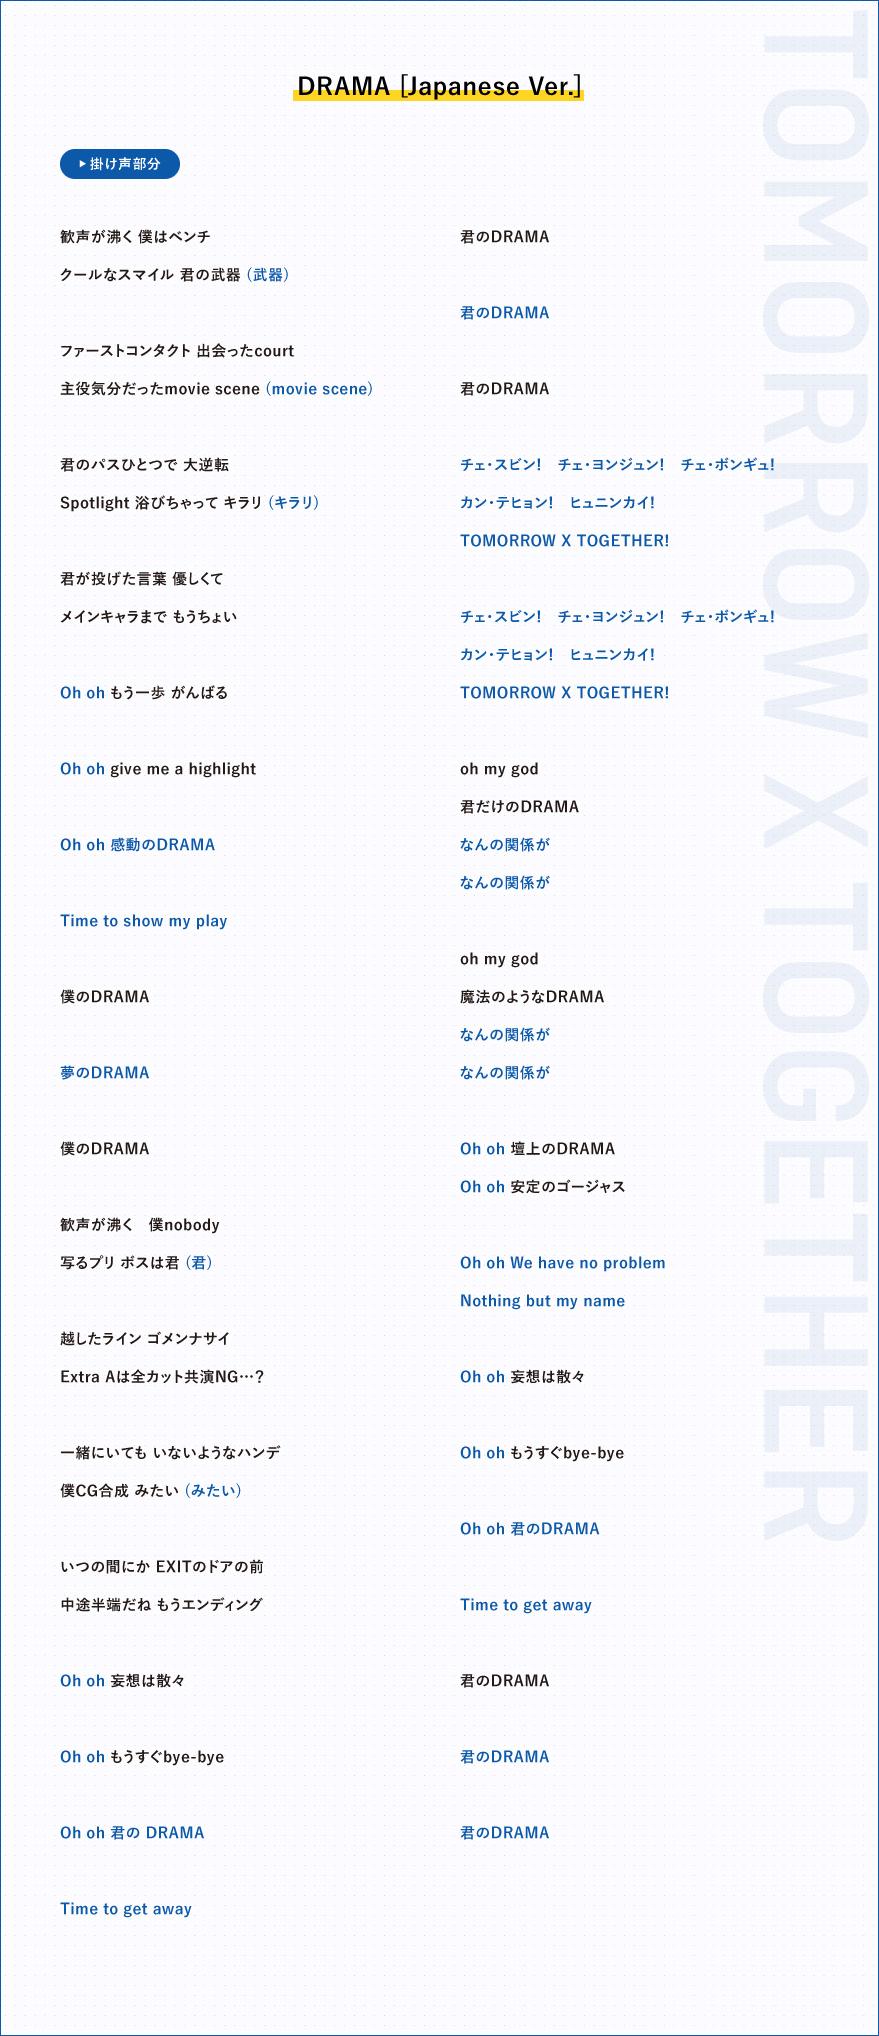 DRAMA「Japanese Ver.」